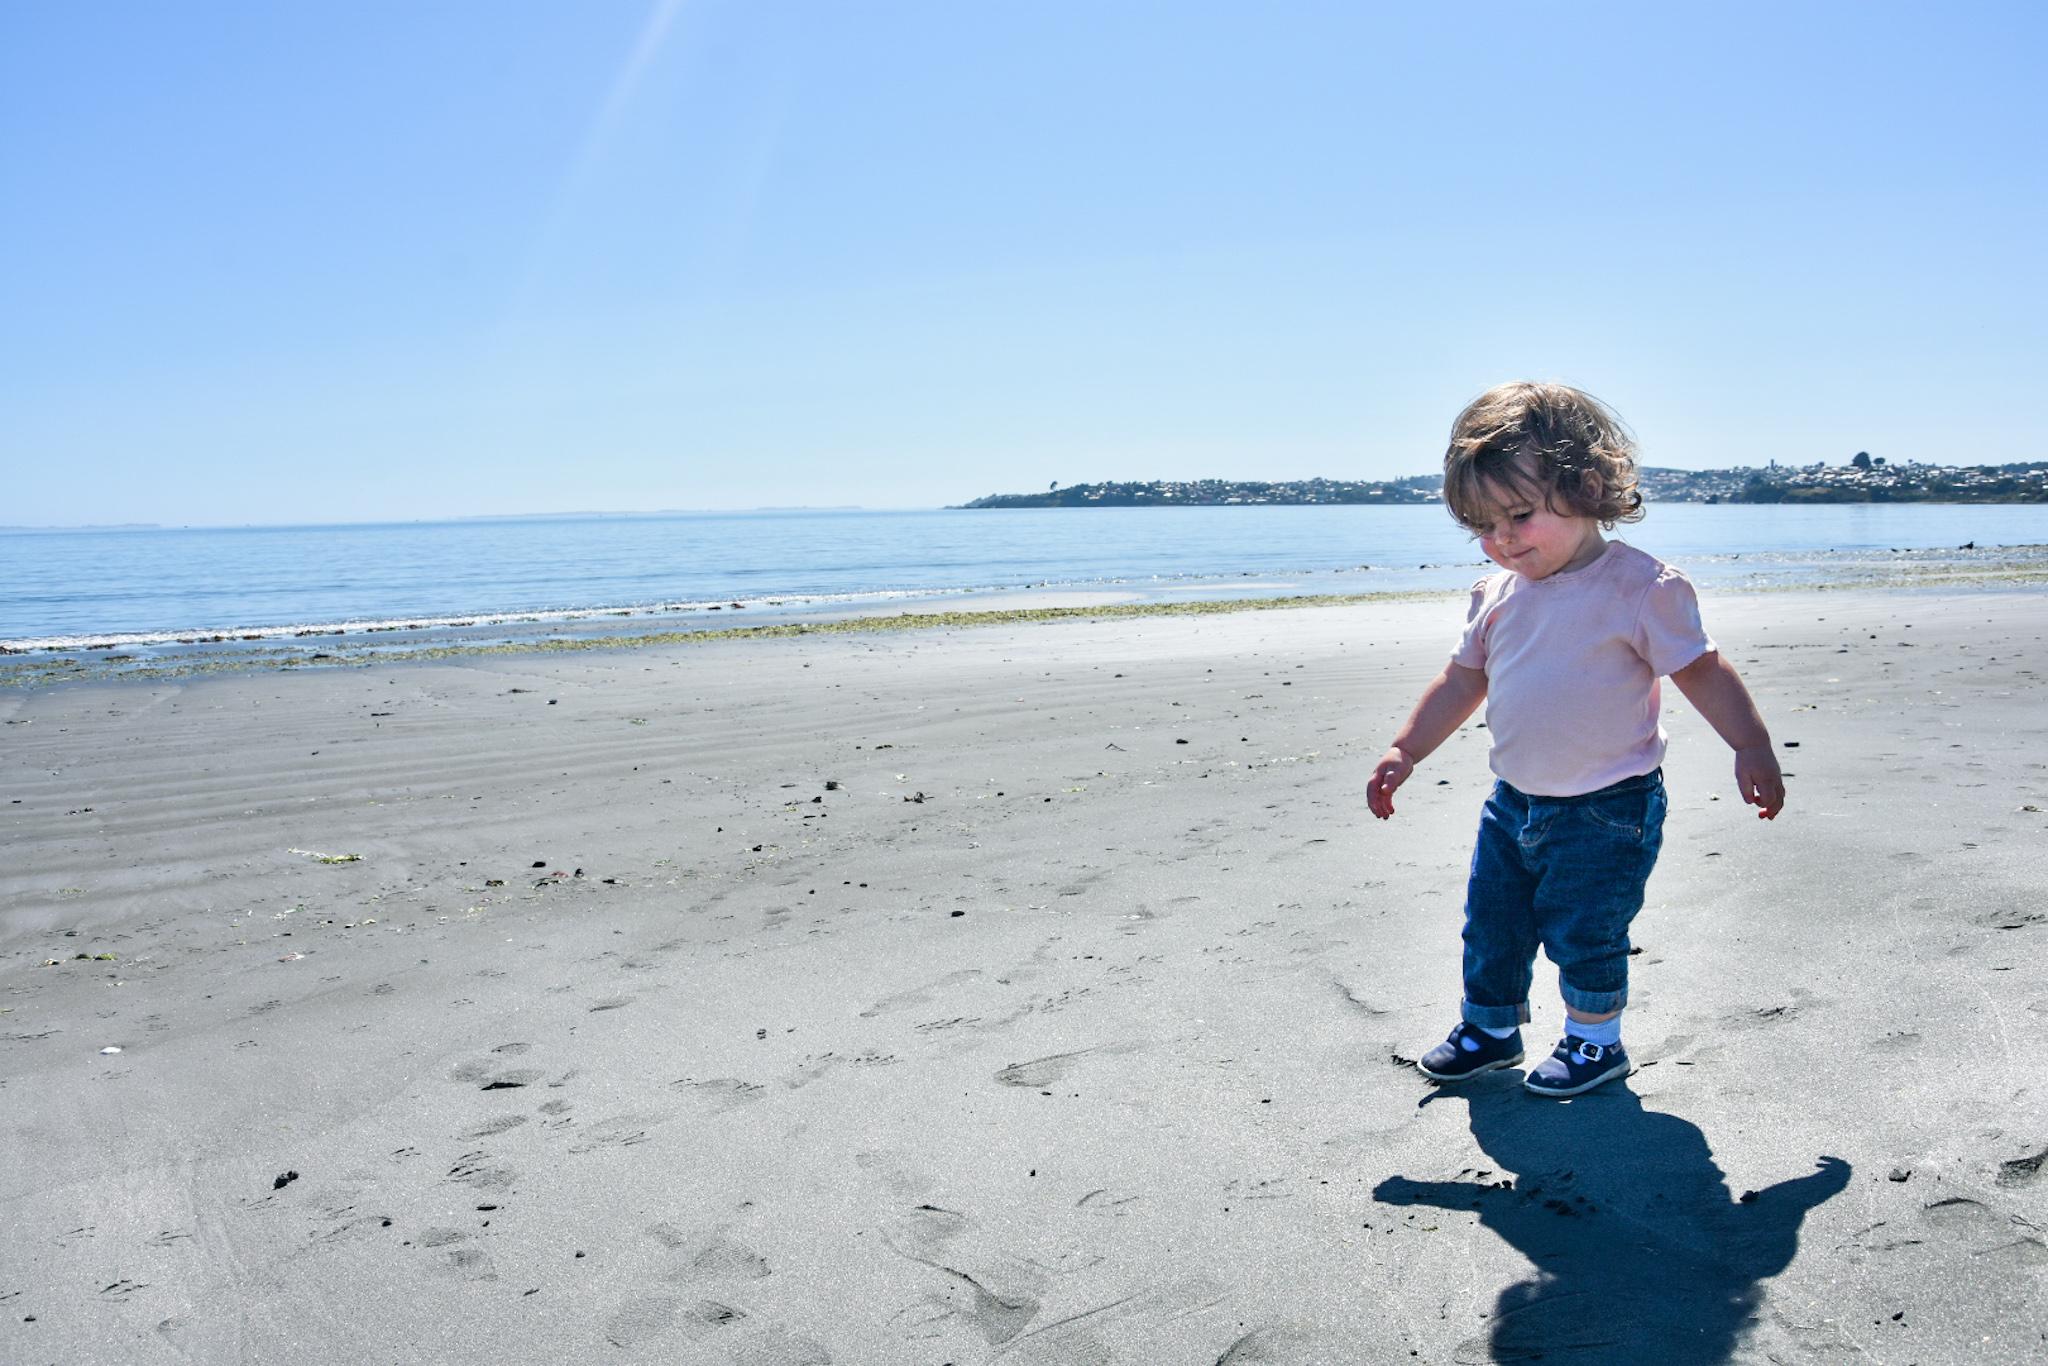 Chiloe beach